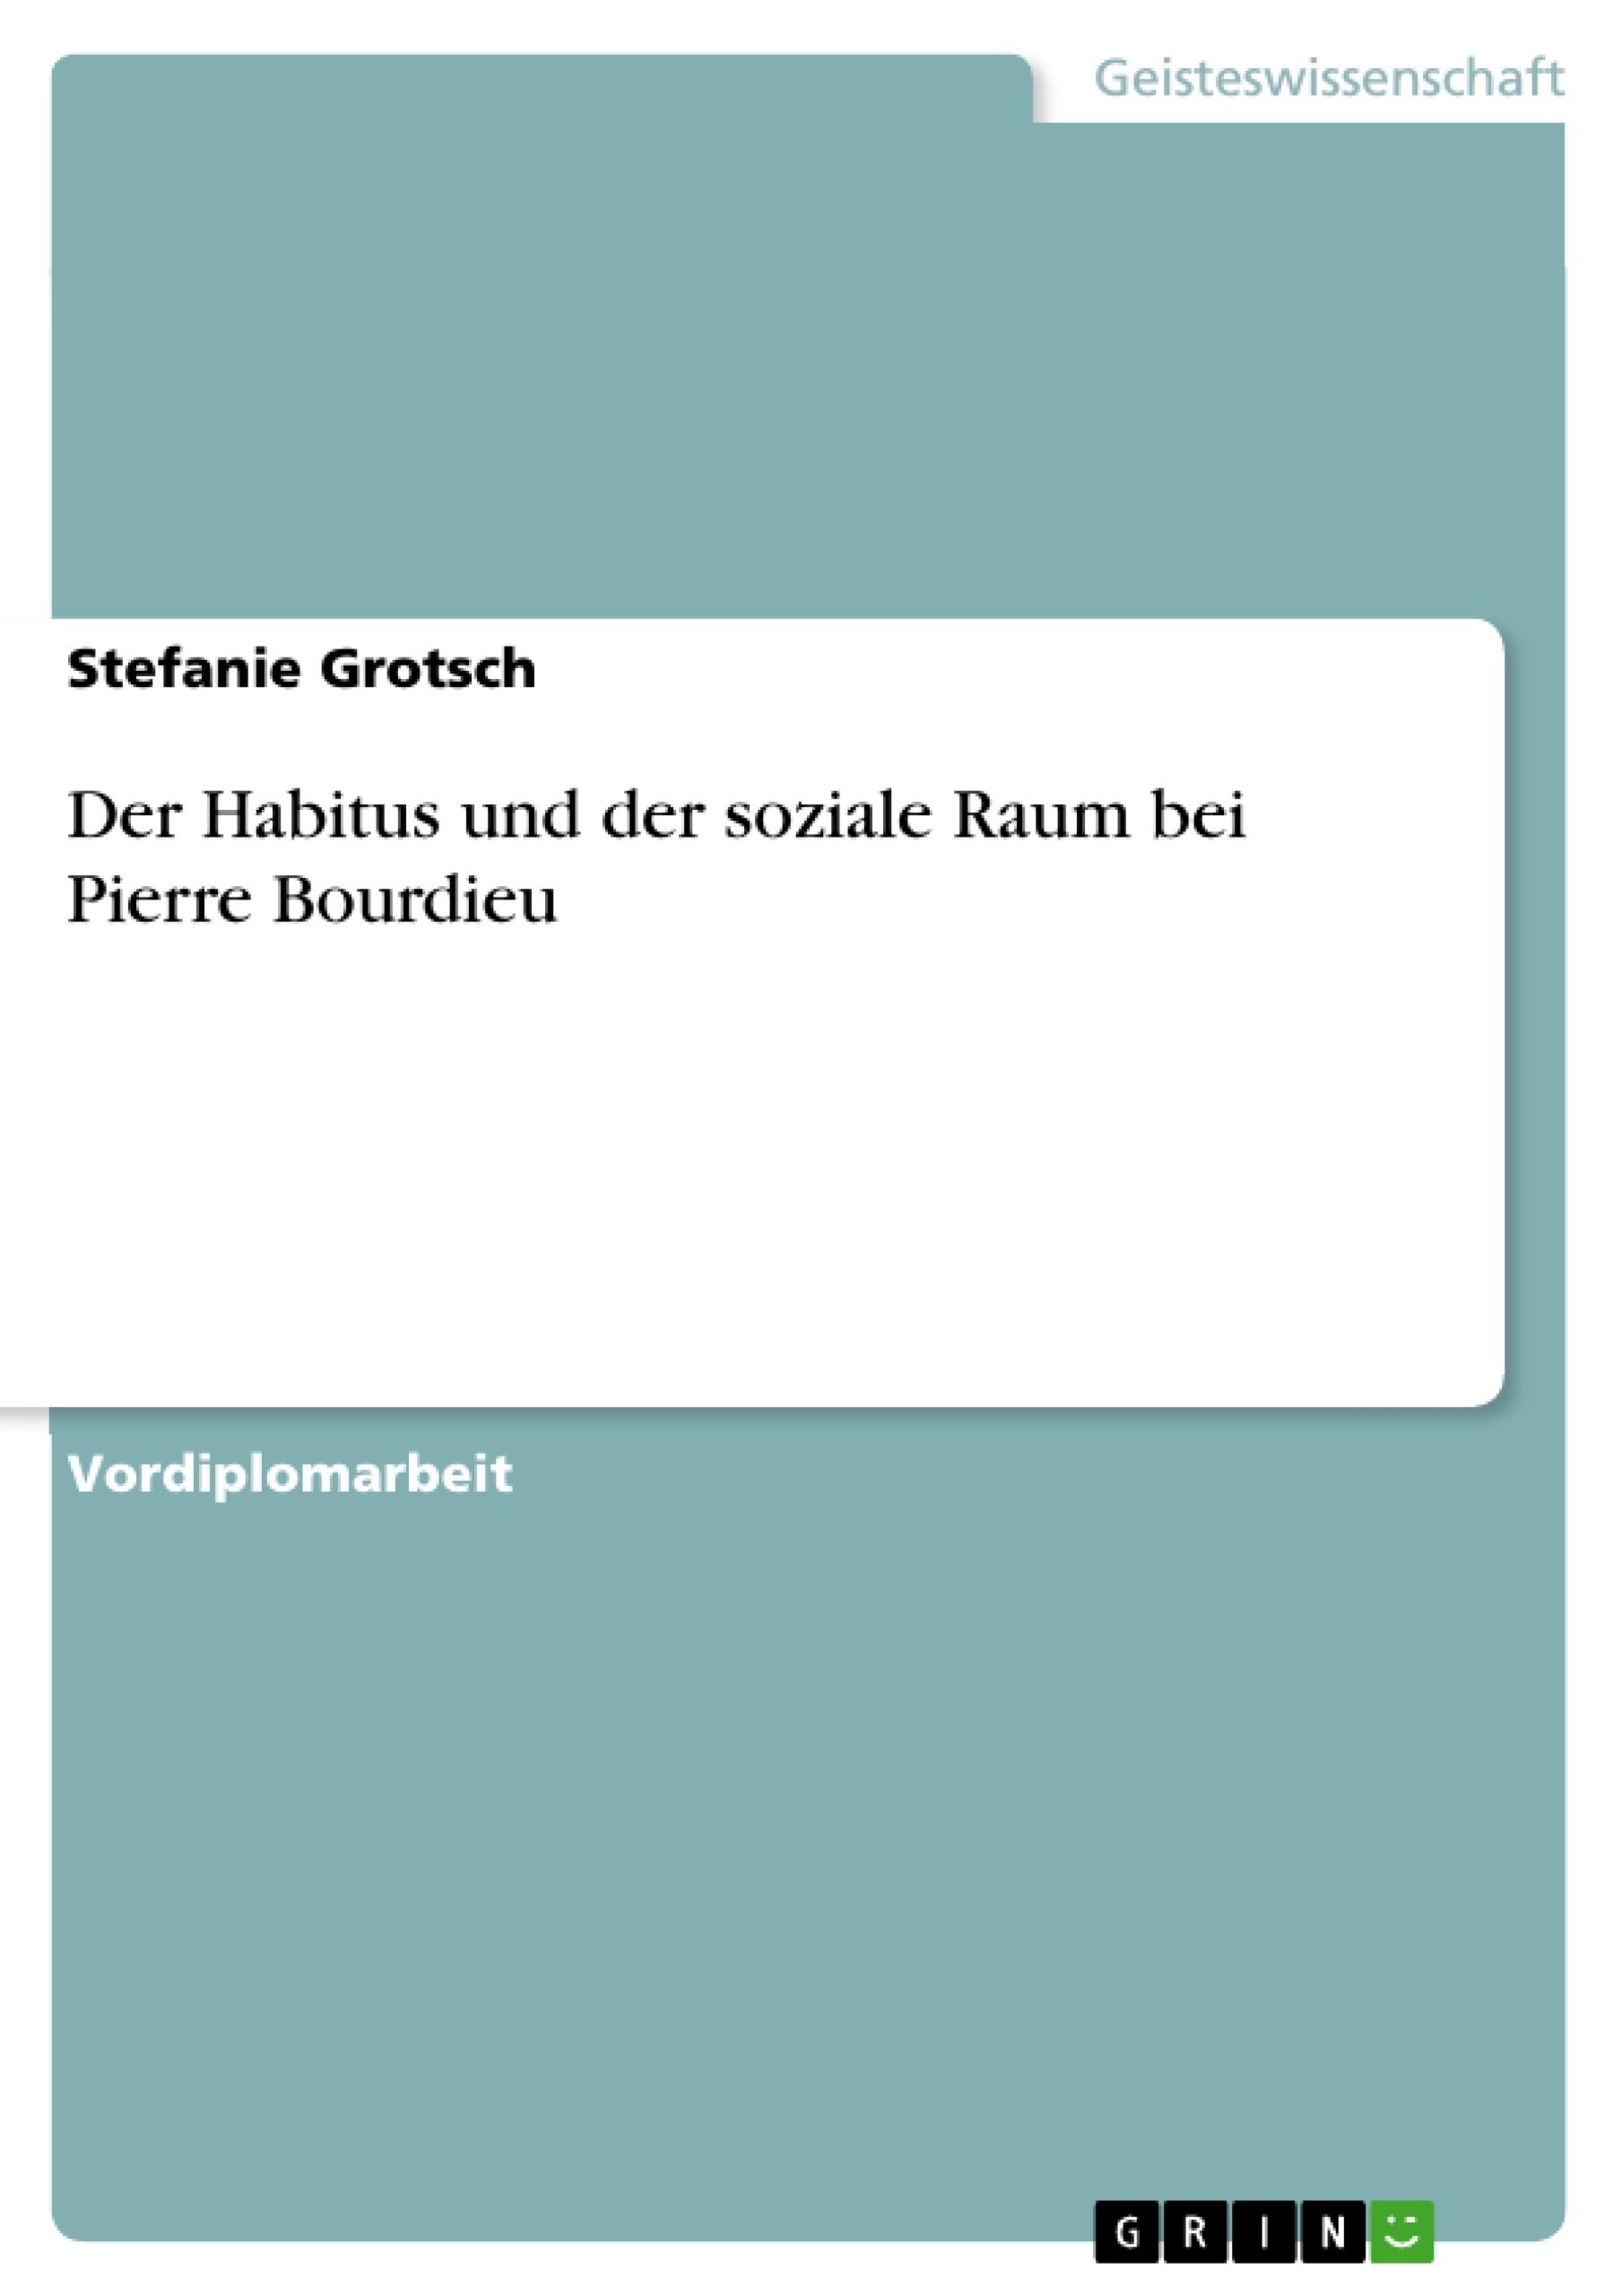 Titel: Der Habitus und der soziale Raum bei Pierre Bourdieu